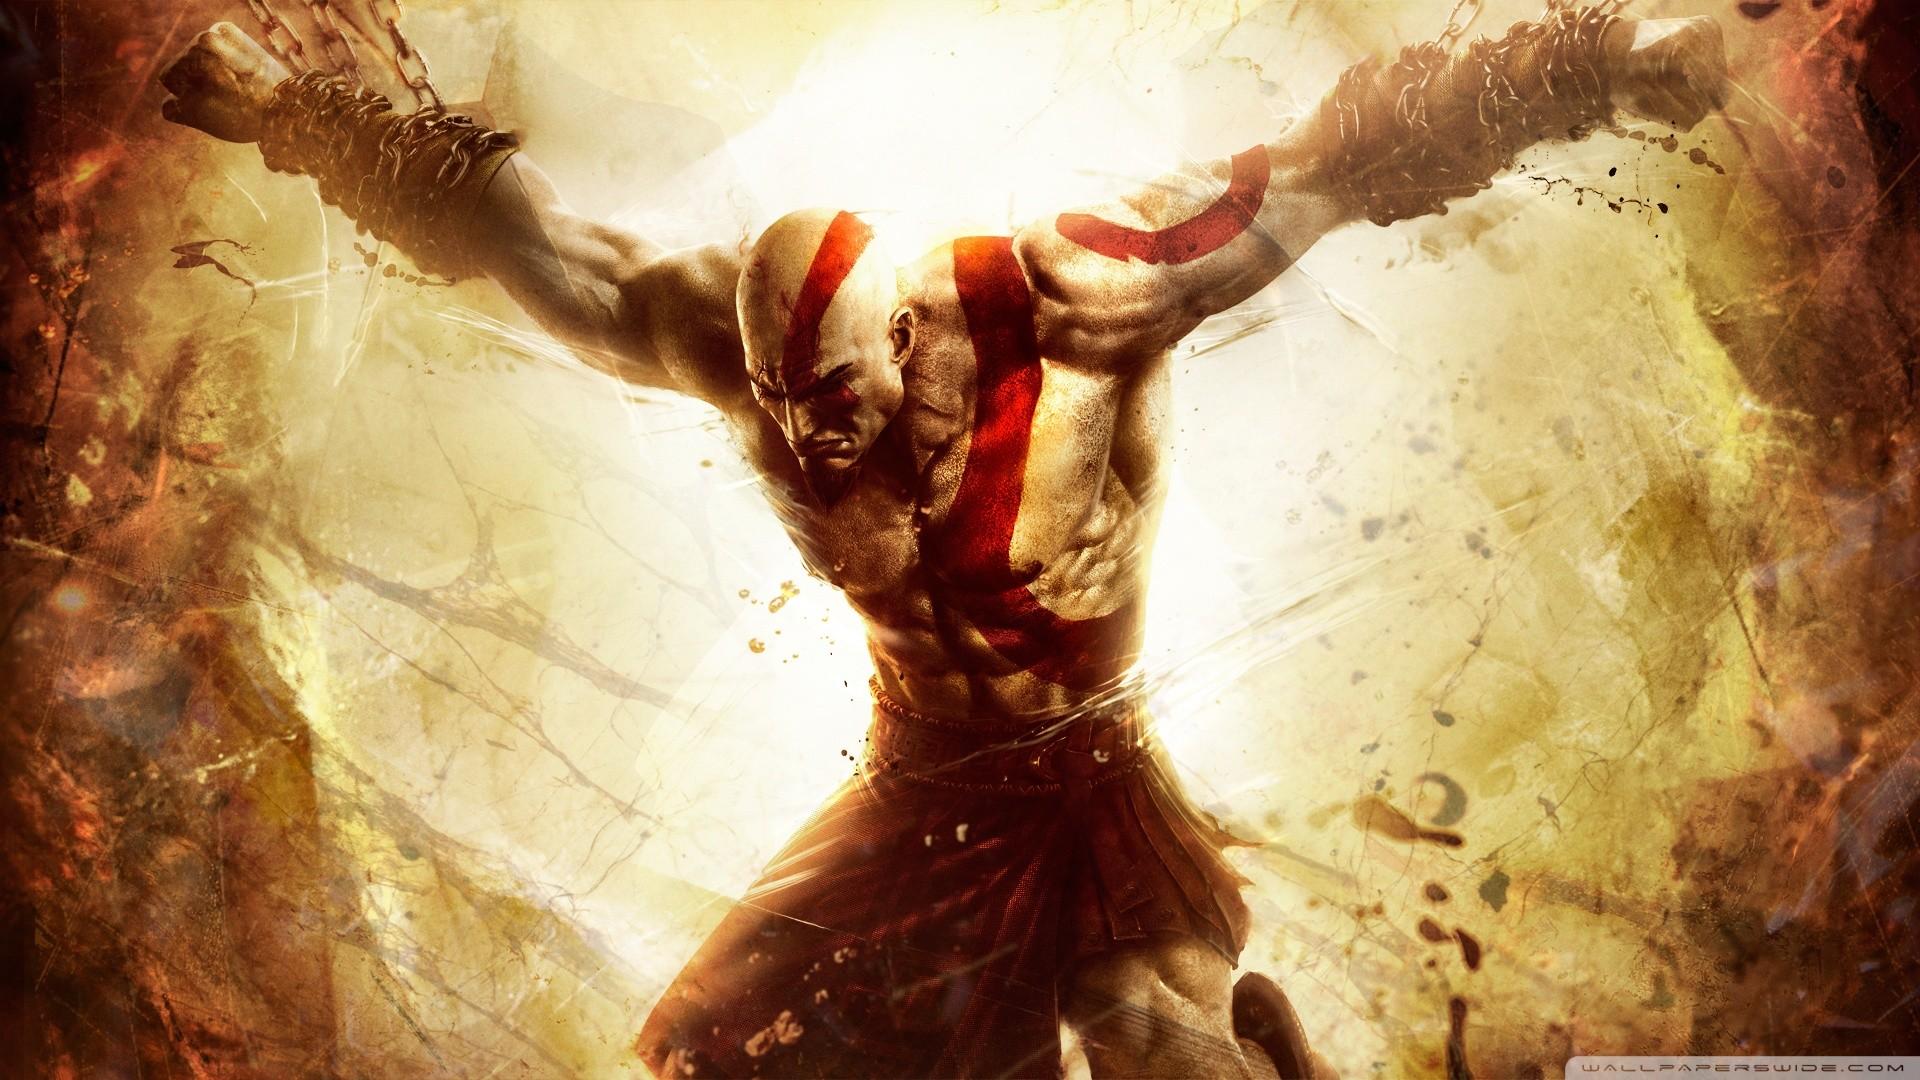 God Of War Ascension Hd Wide Wallpaper For 4k Uhd Widescreen - God Of War Ascension Kratos - HD Wallpaper